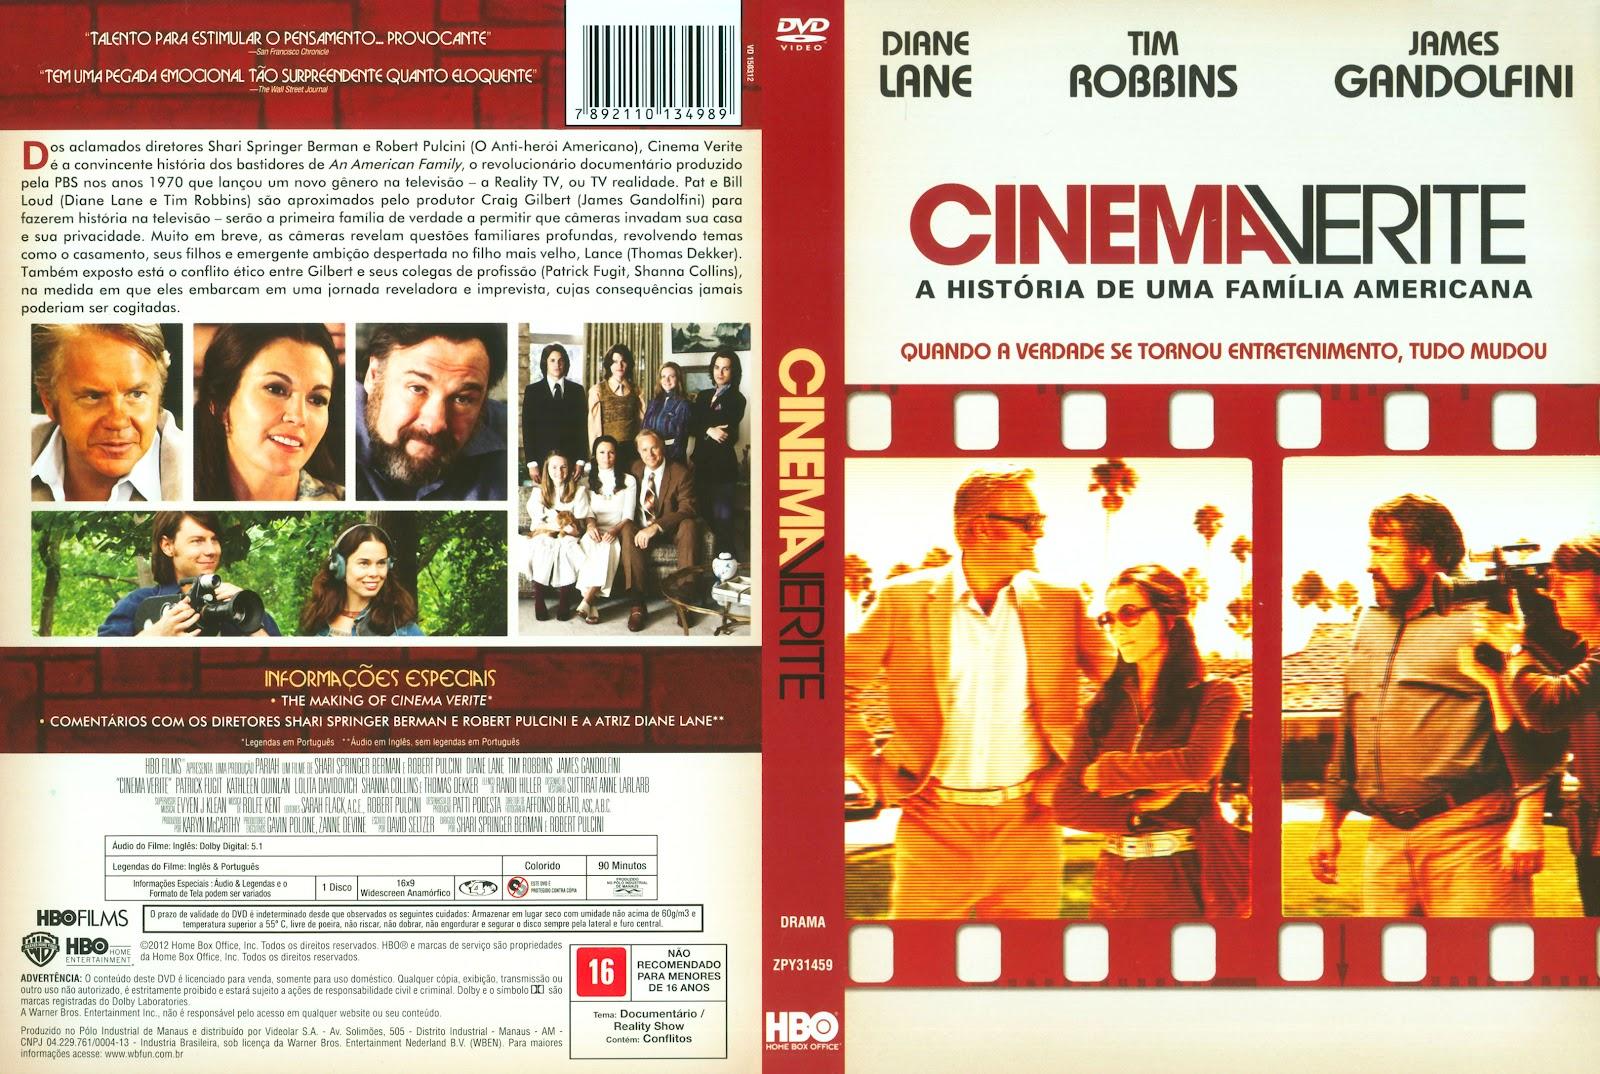 Cinema Verite A Saga de uma Família Americana BDRip XviD Dual Audio Cinema Verite